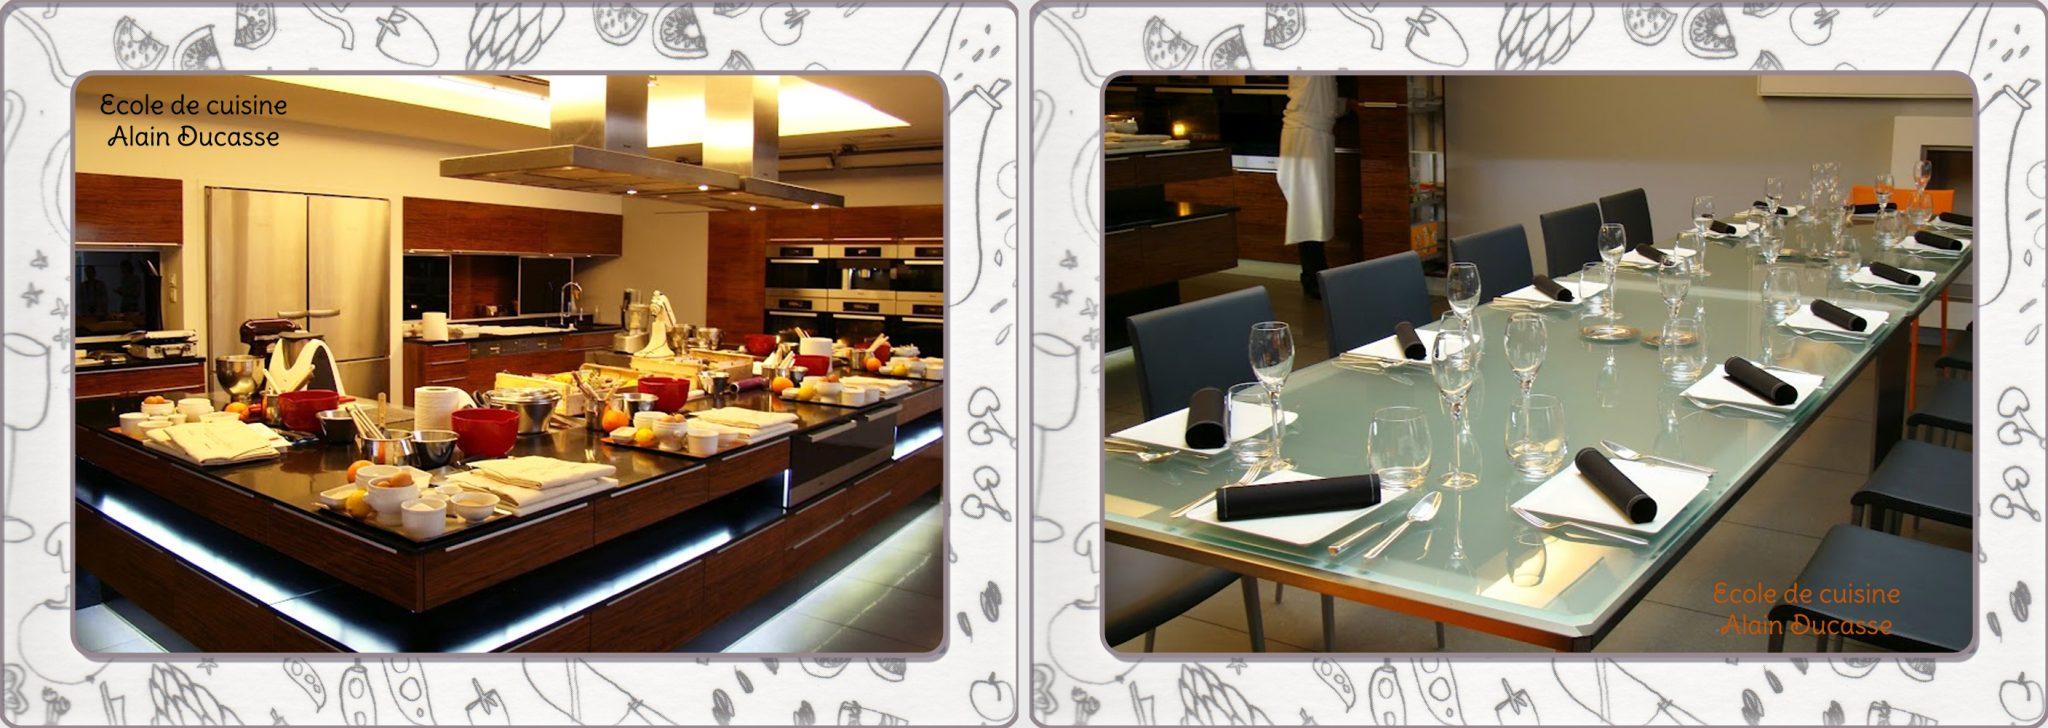 ecole de cuisine alain ducasse ecole de cuisine alain ducasse 192 cuisine design ideas